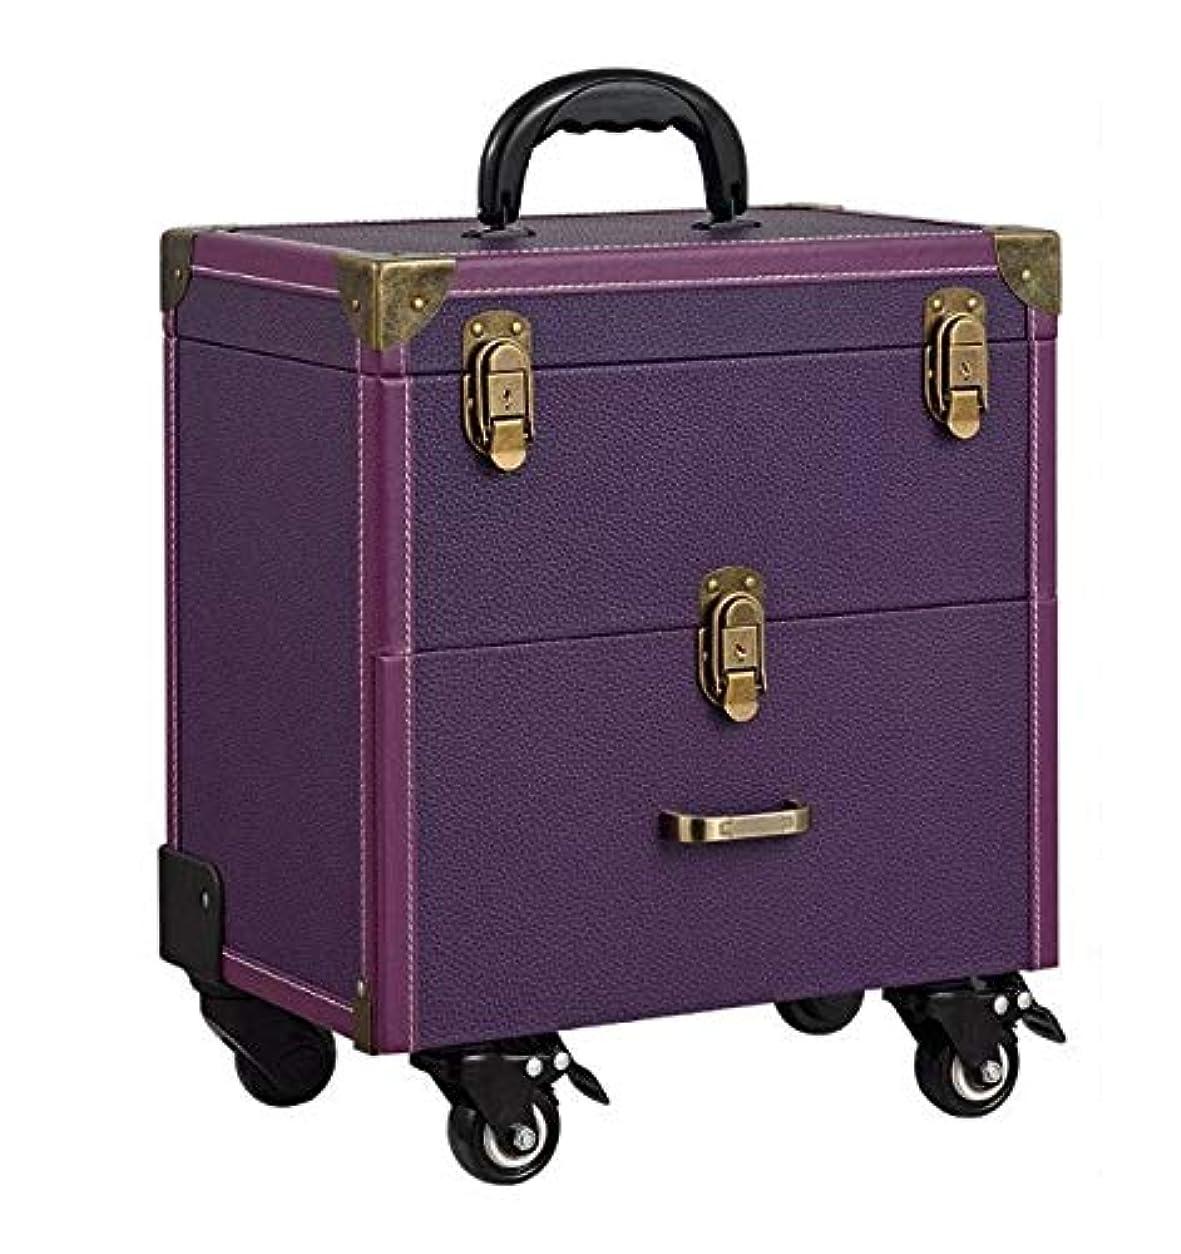 水没まもなく債権者化粧箱、大容量二層トロリー化粧品ケース、ポータブル旅行化粧品バッグ収納袋、美容化粧ネイルジュエリー収納ボックス (Color : Purple)